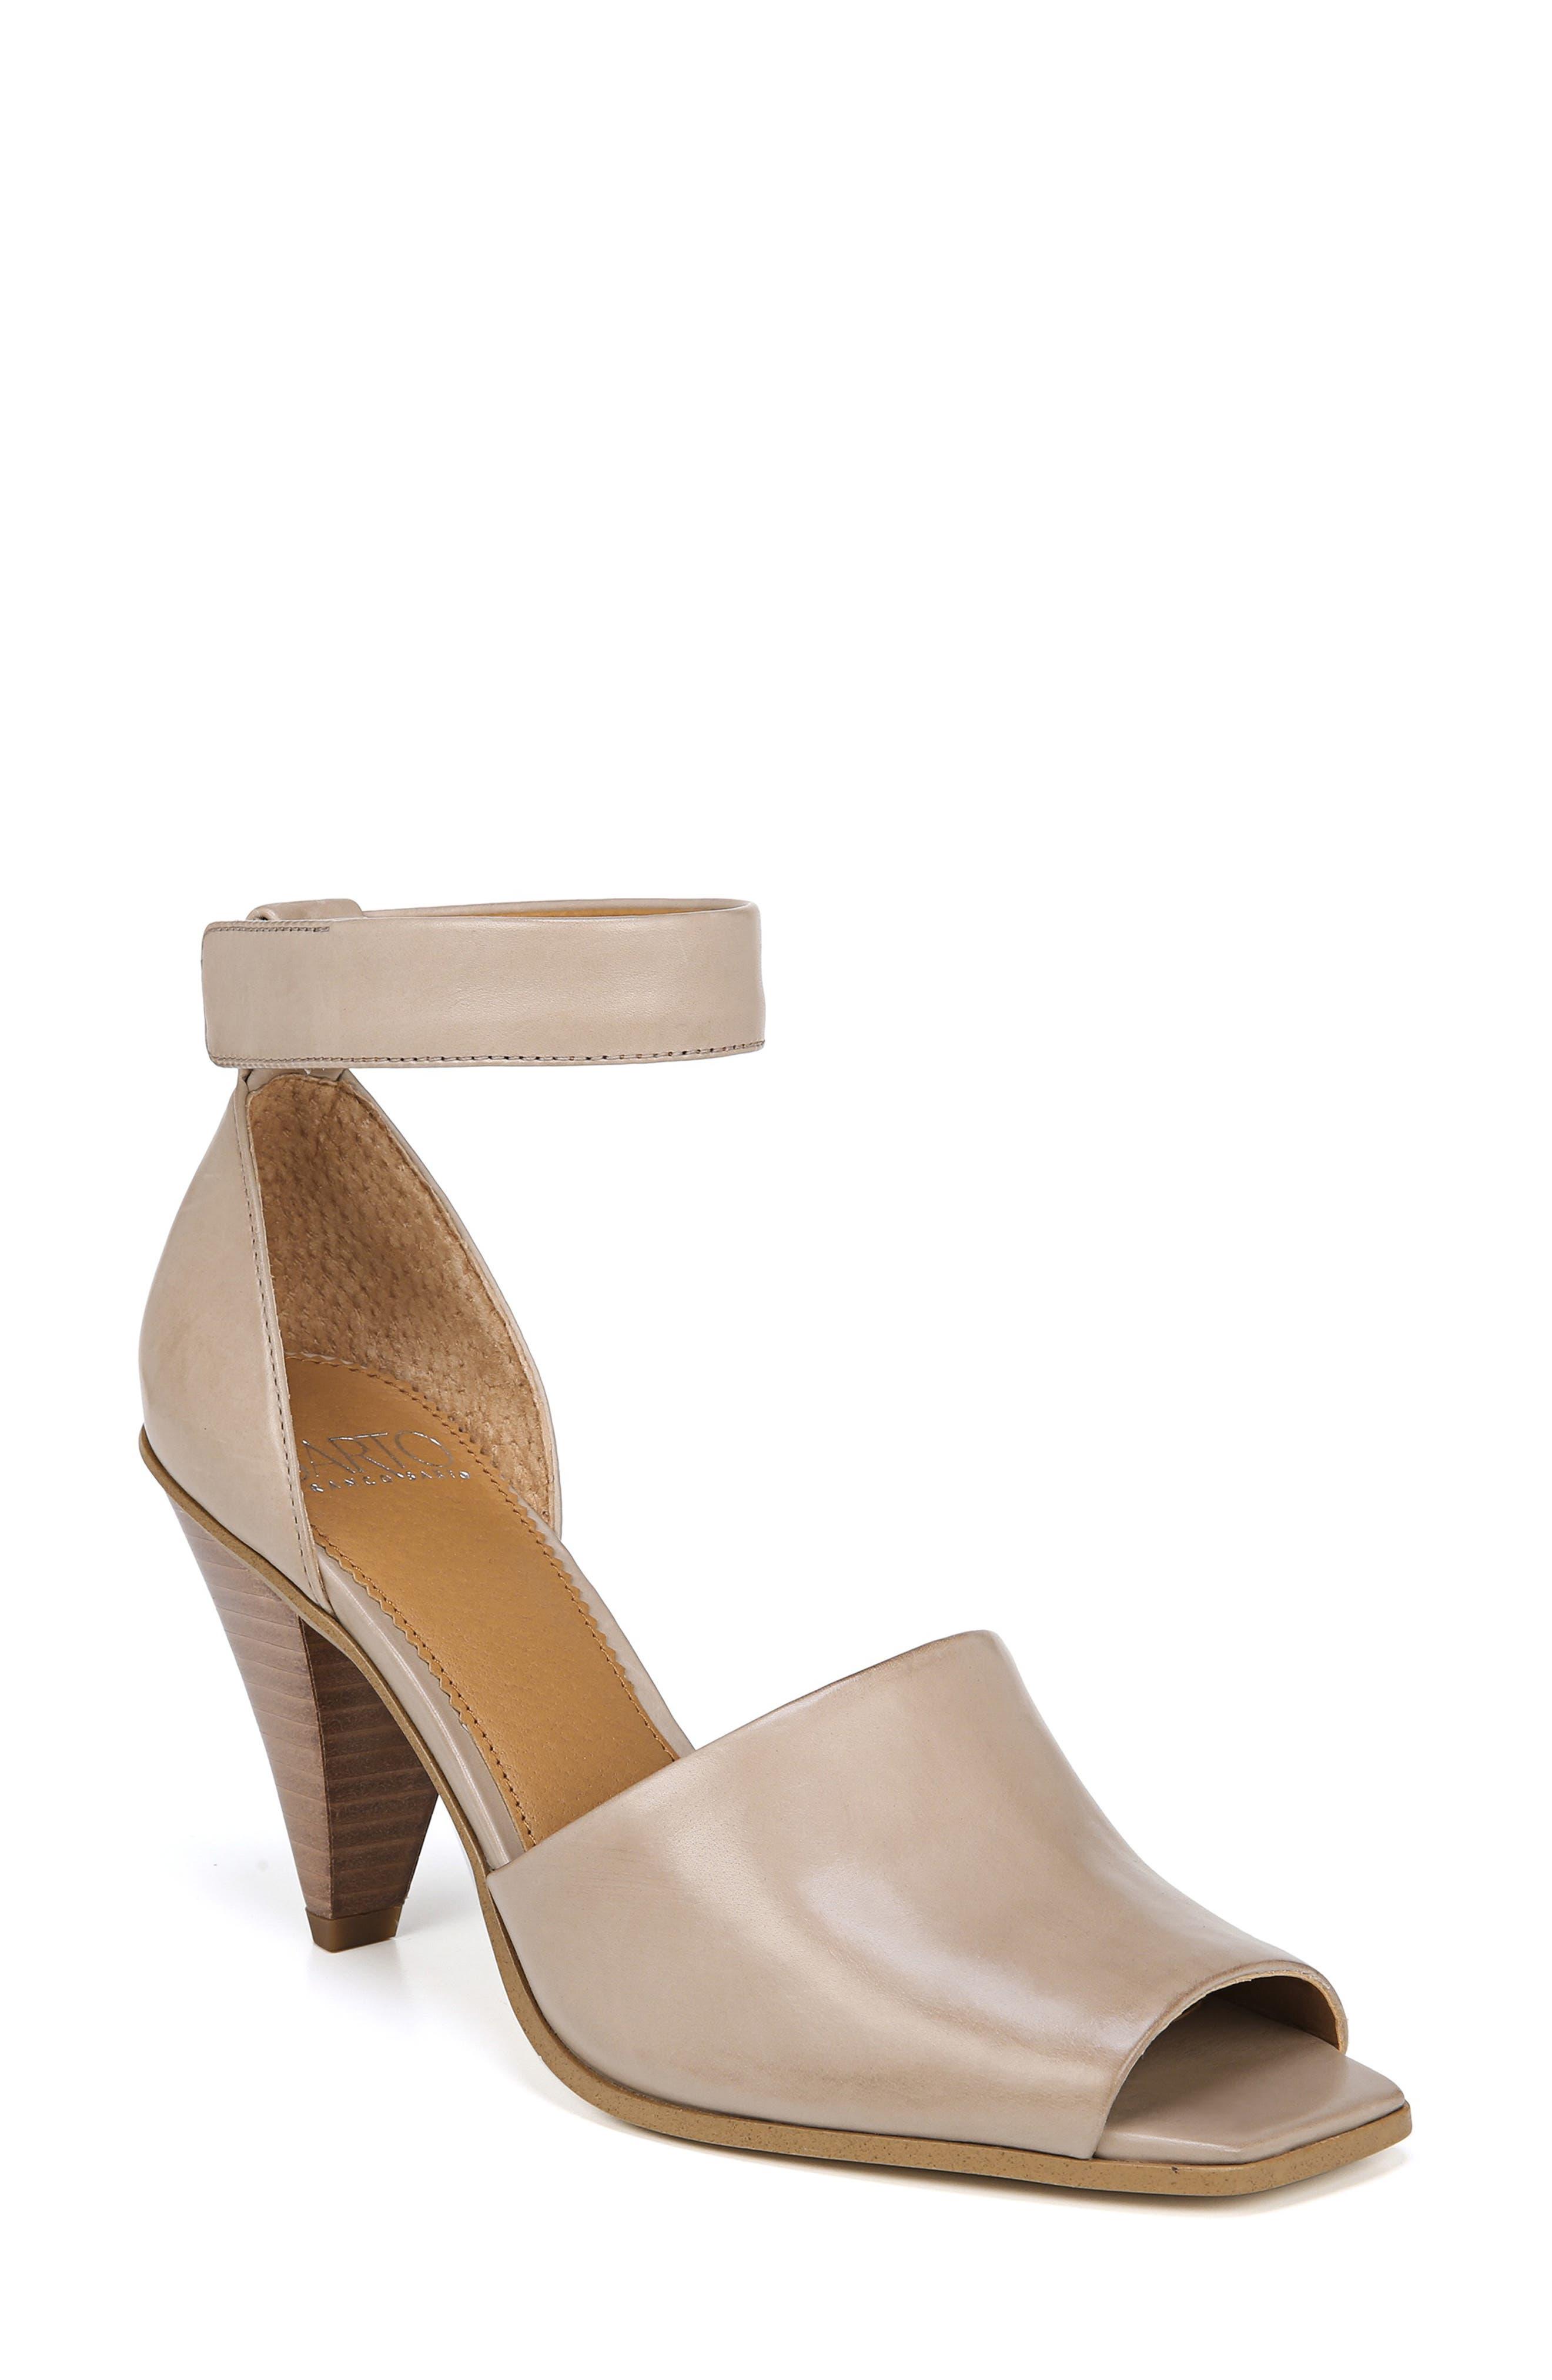 Sarto By Franco Sarto Ankle Strap Sandal, Brown